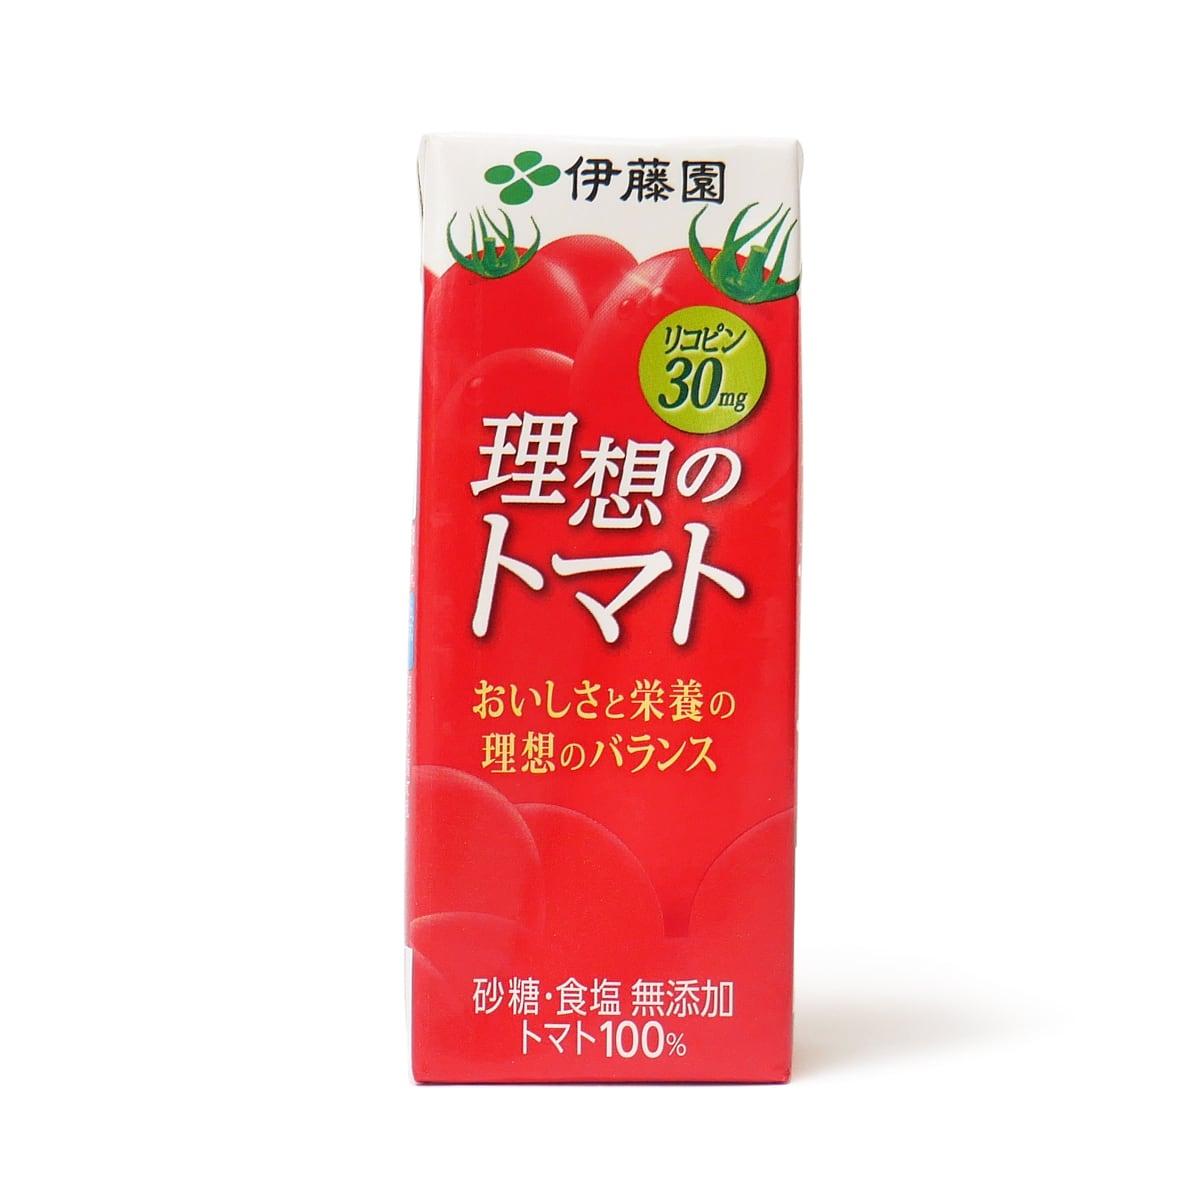 伊藤園 理想のトマト 200ml 1本